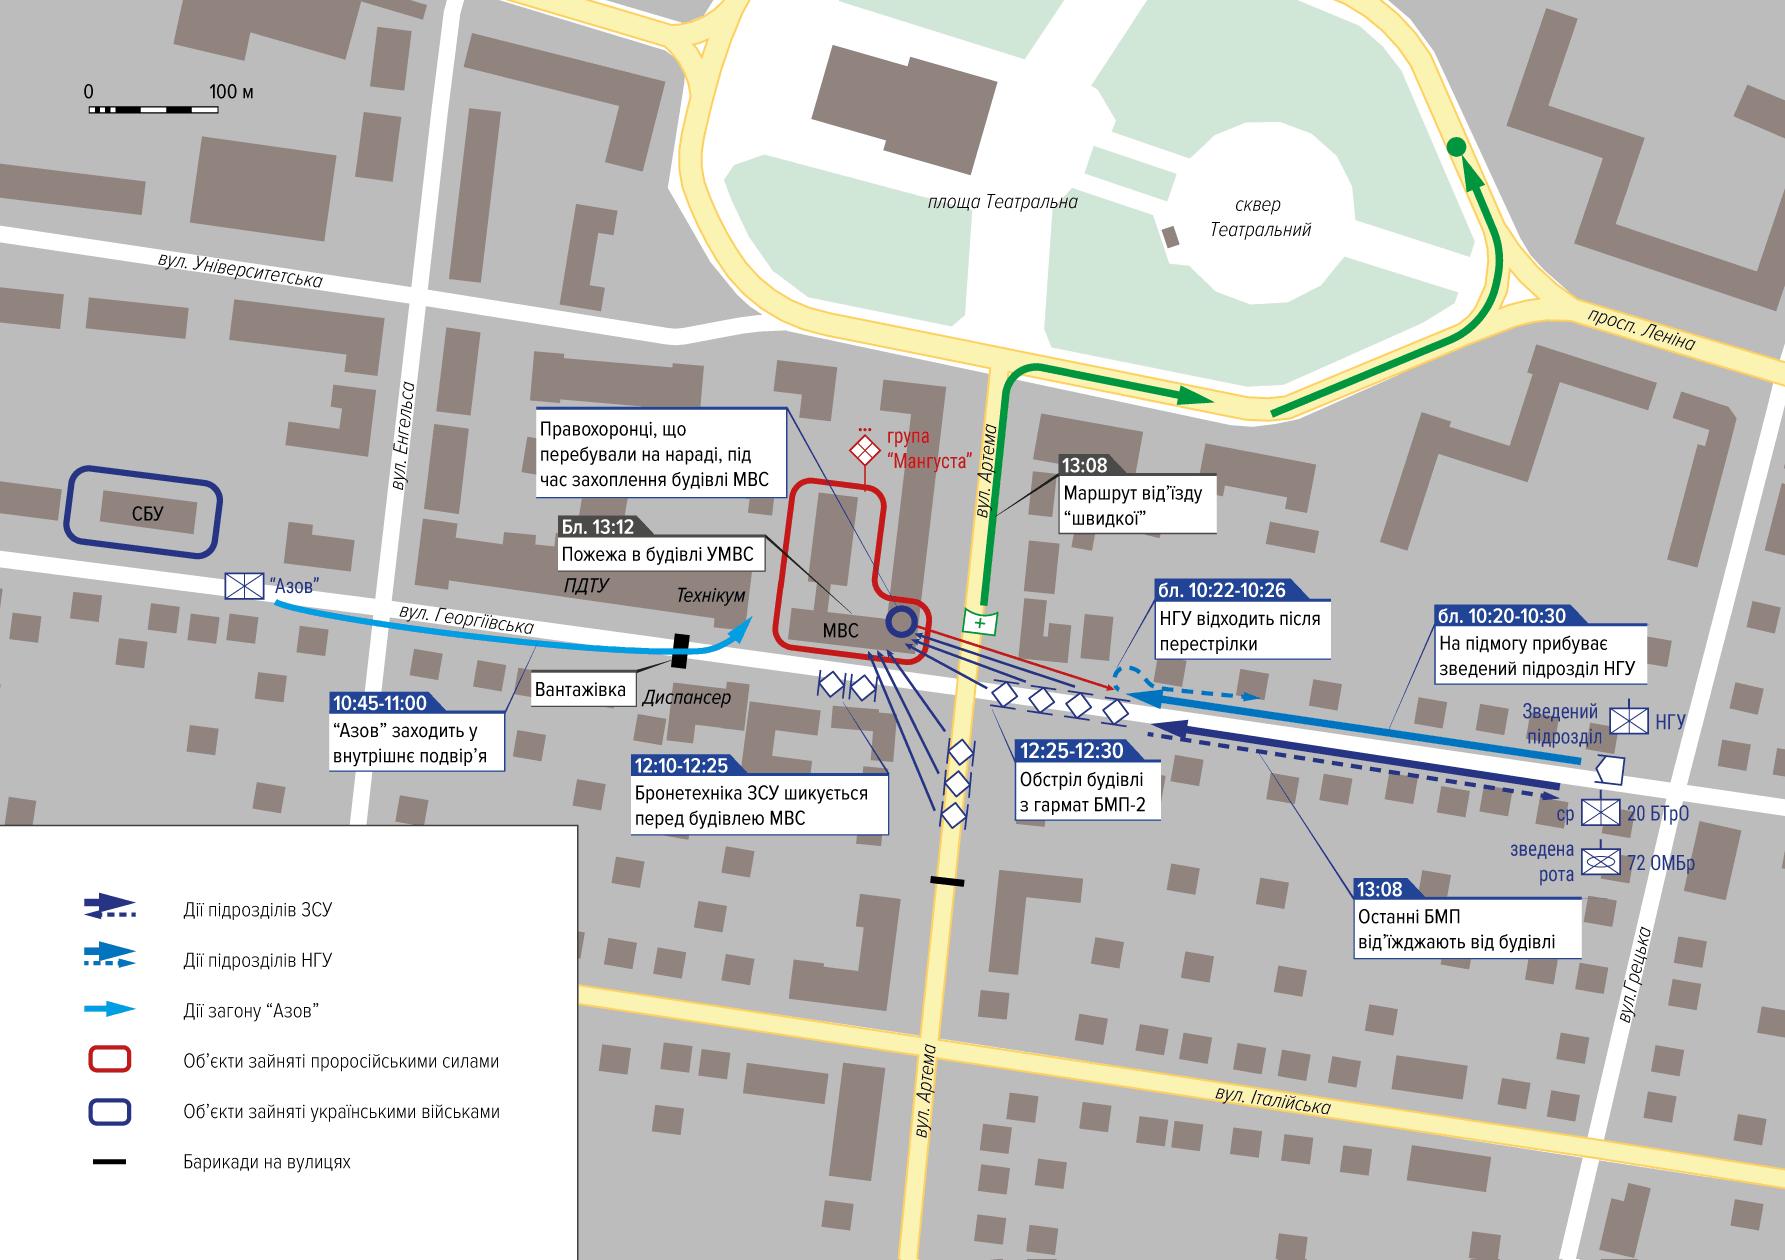 Події біля будівлі УМВС 9 травня.